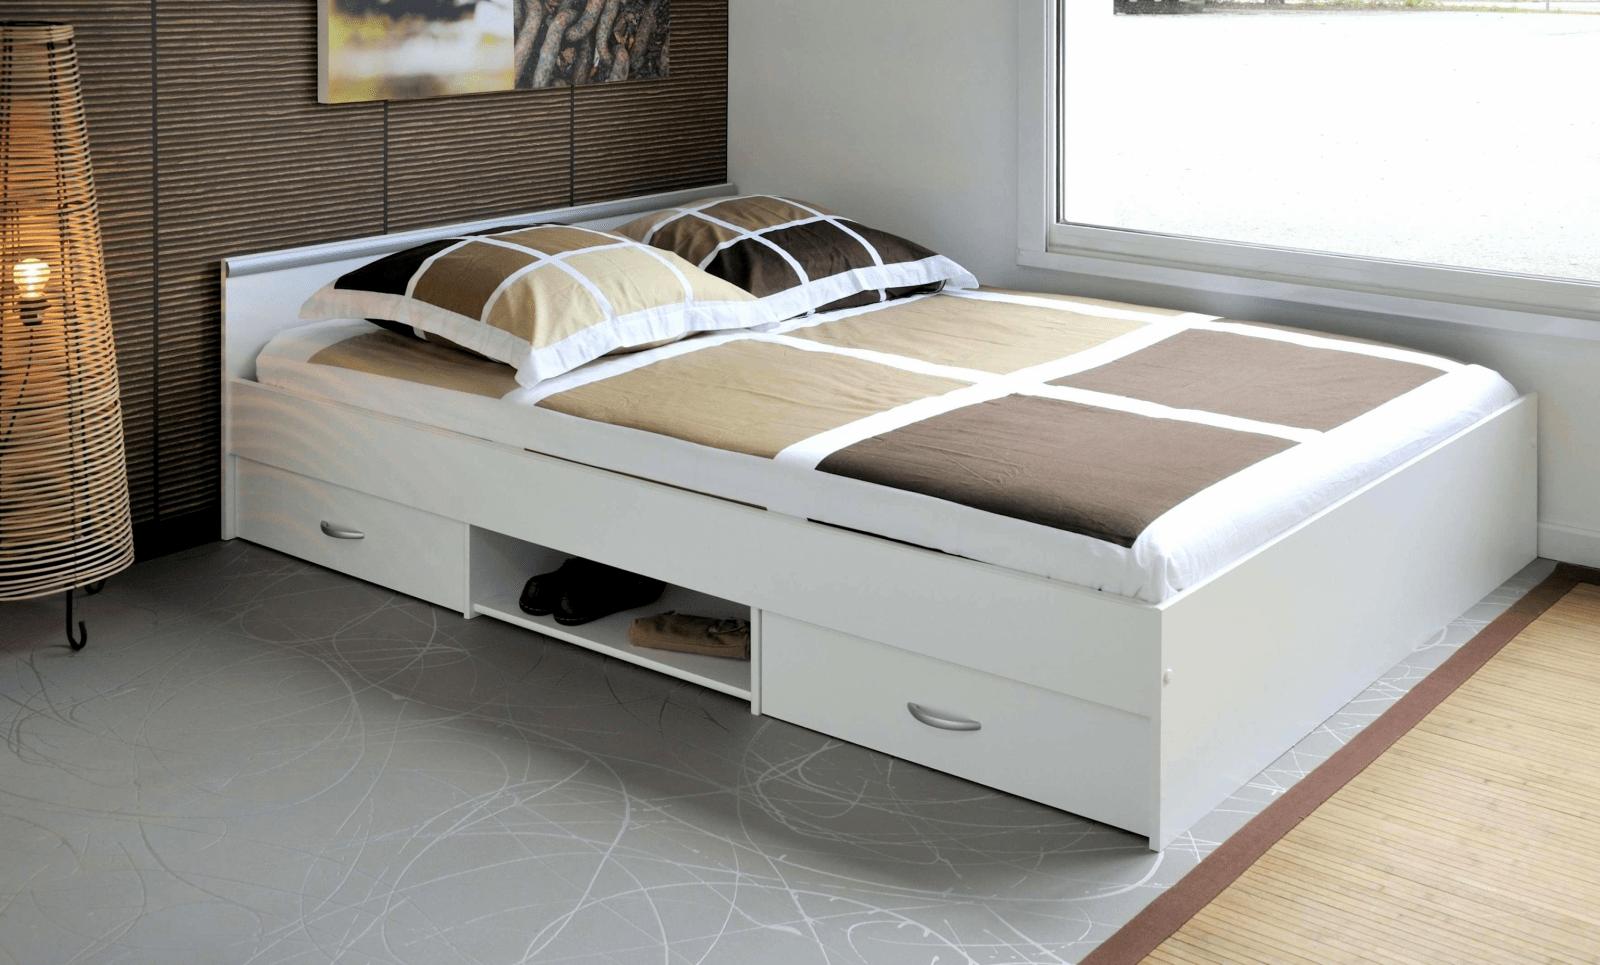 Groß Bett Mit Schubladen 160X200 Betten Stauraum Ziemlich Ikea von Bett Mit Stauraum 160X200 Photo